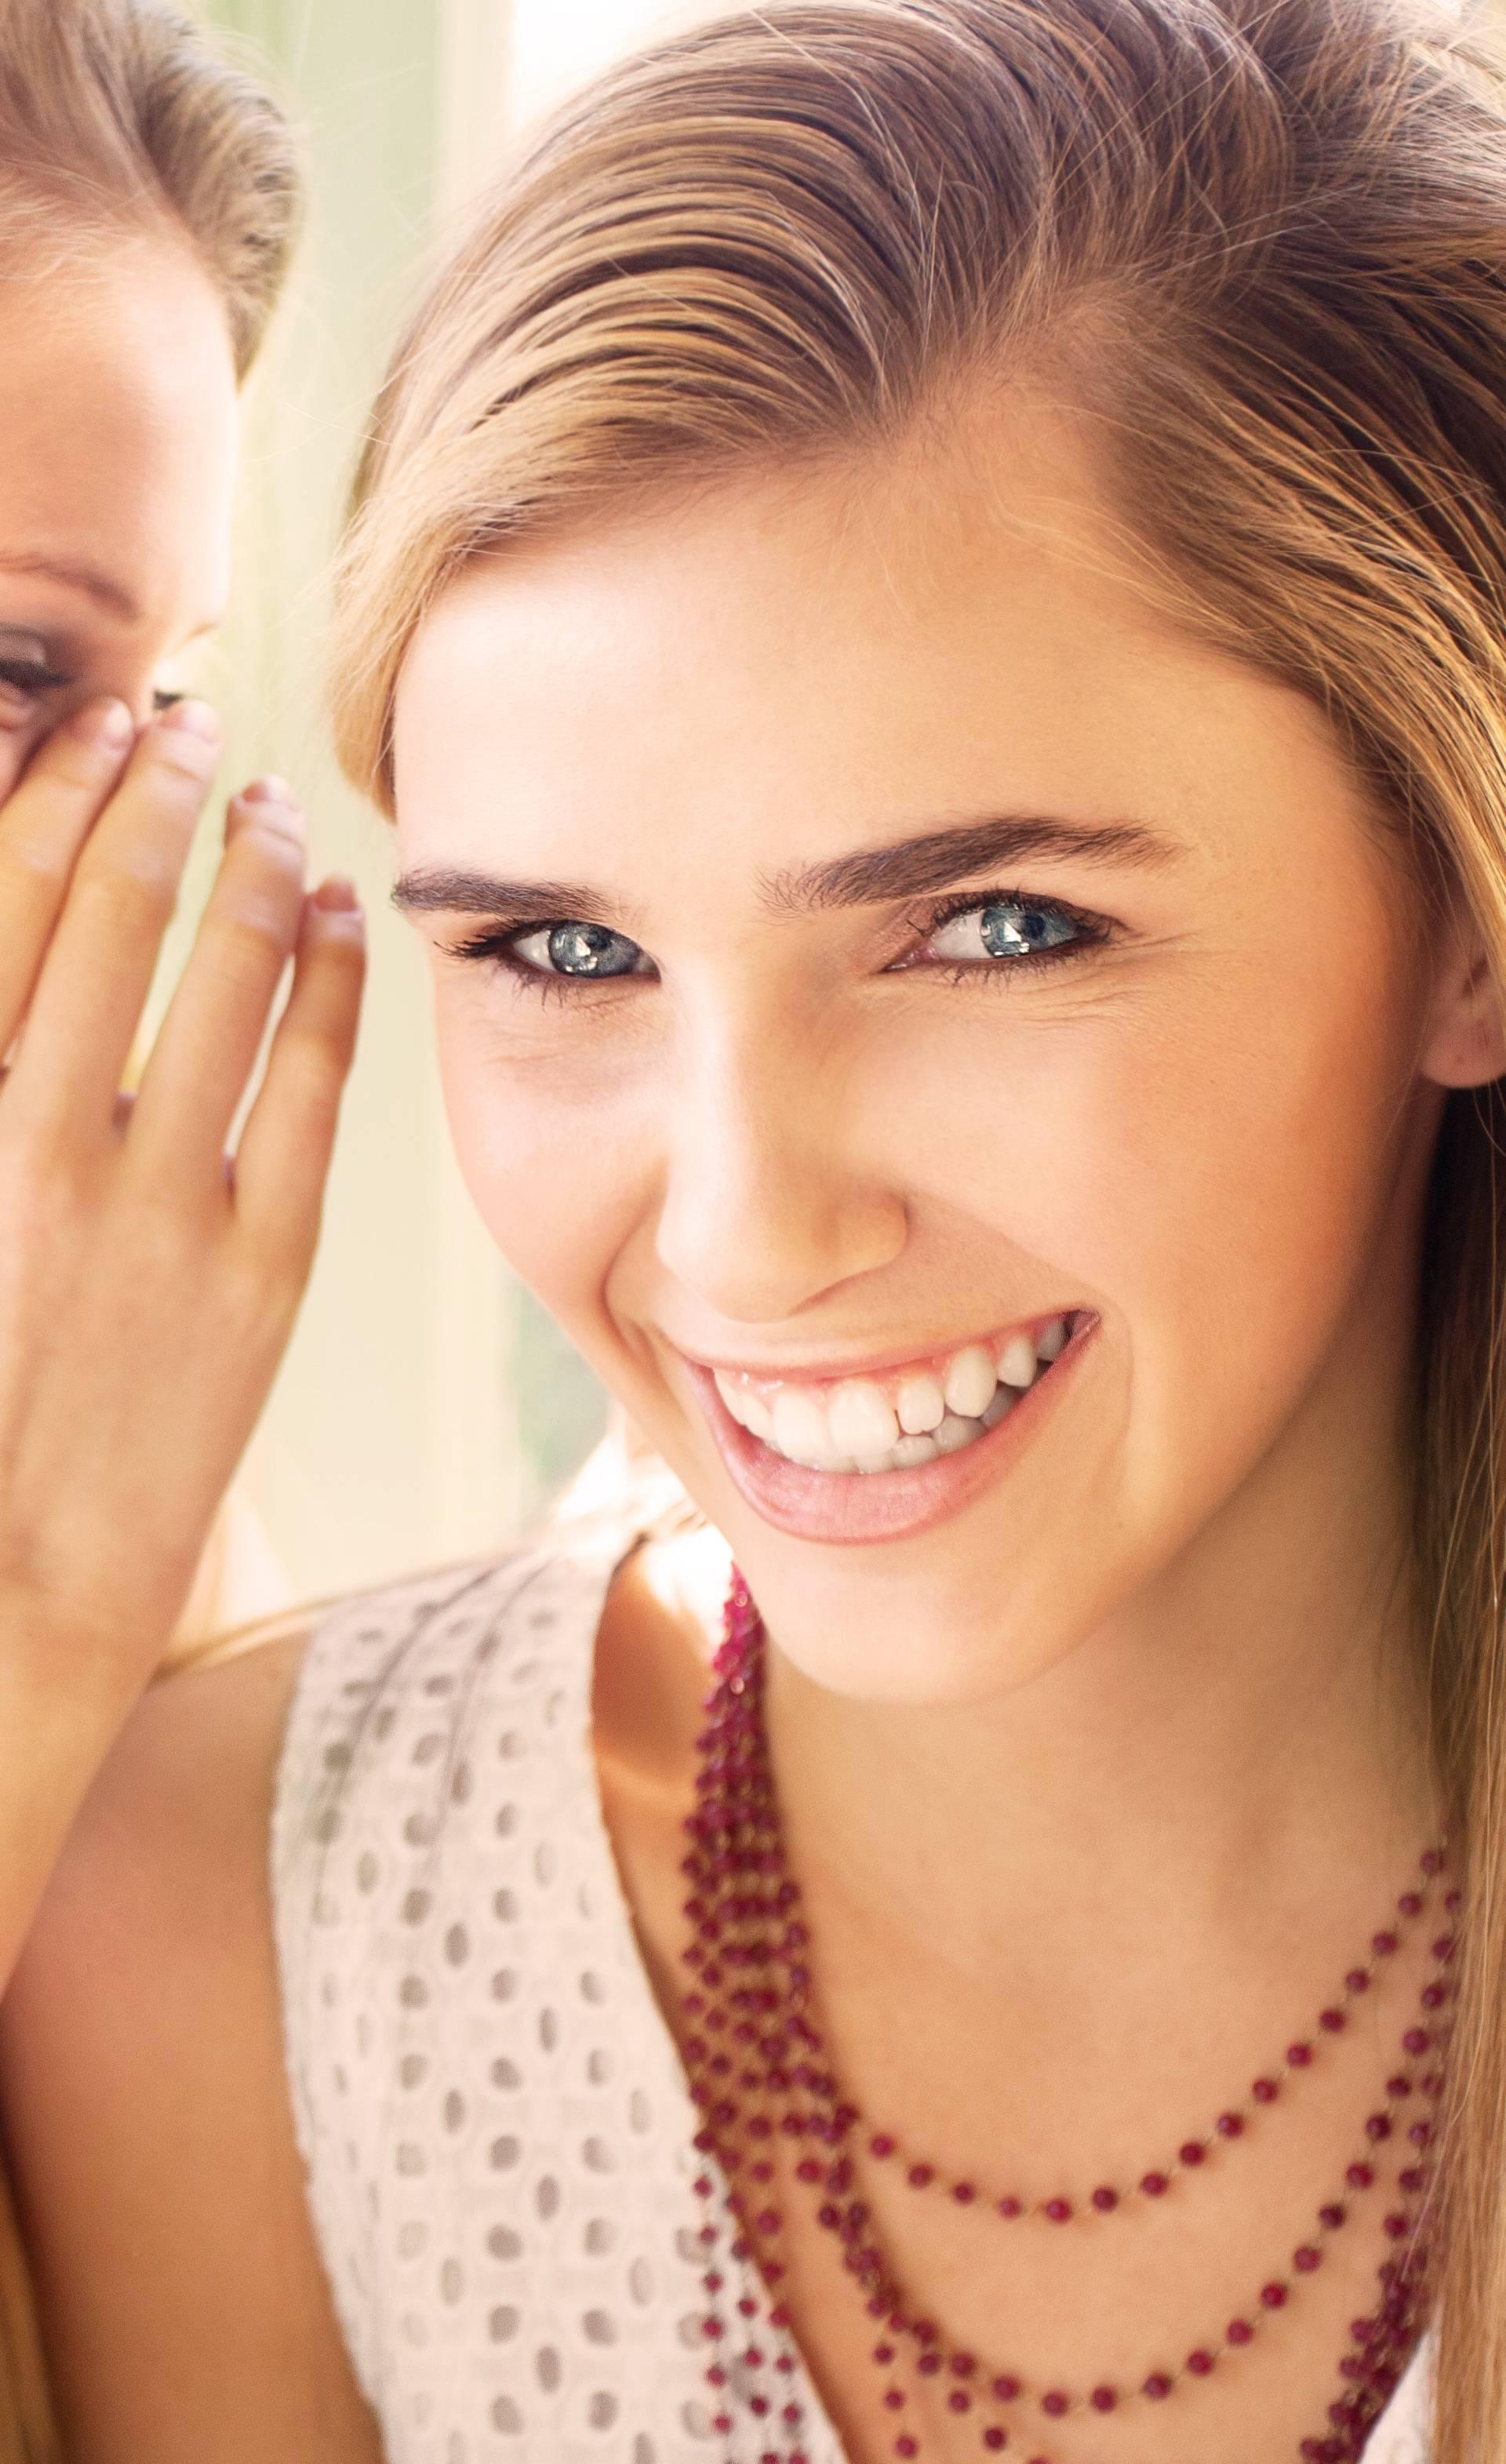 5 navika samopouzdanih žena: Vole biti same i znaju reći 'ne'